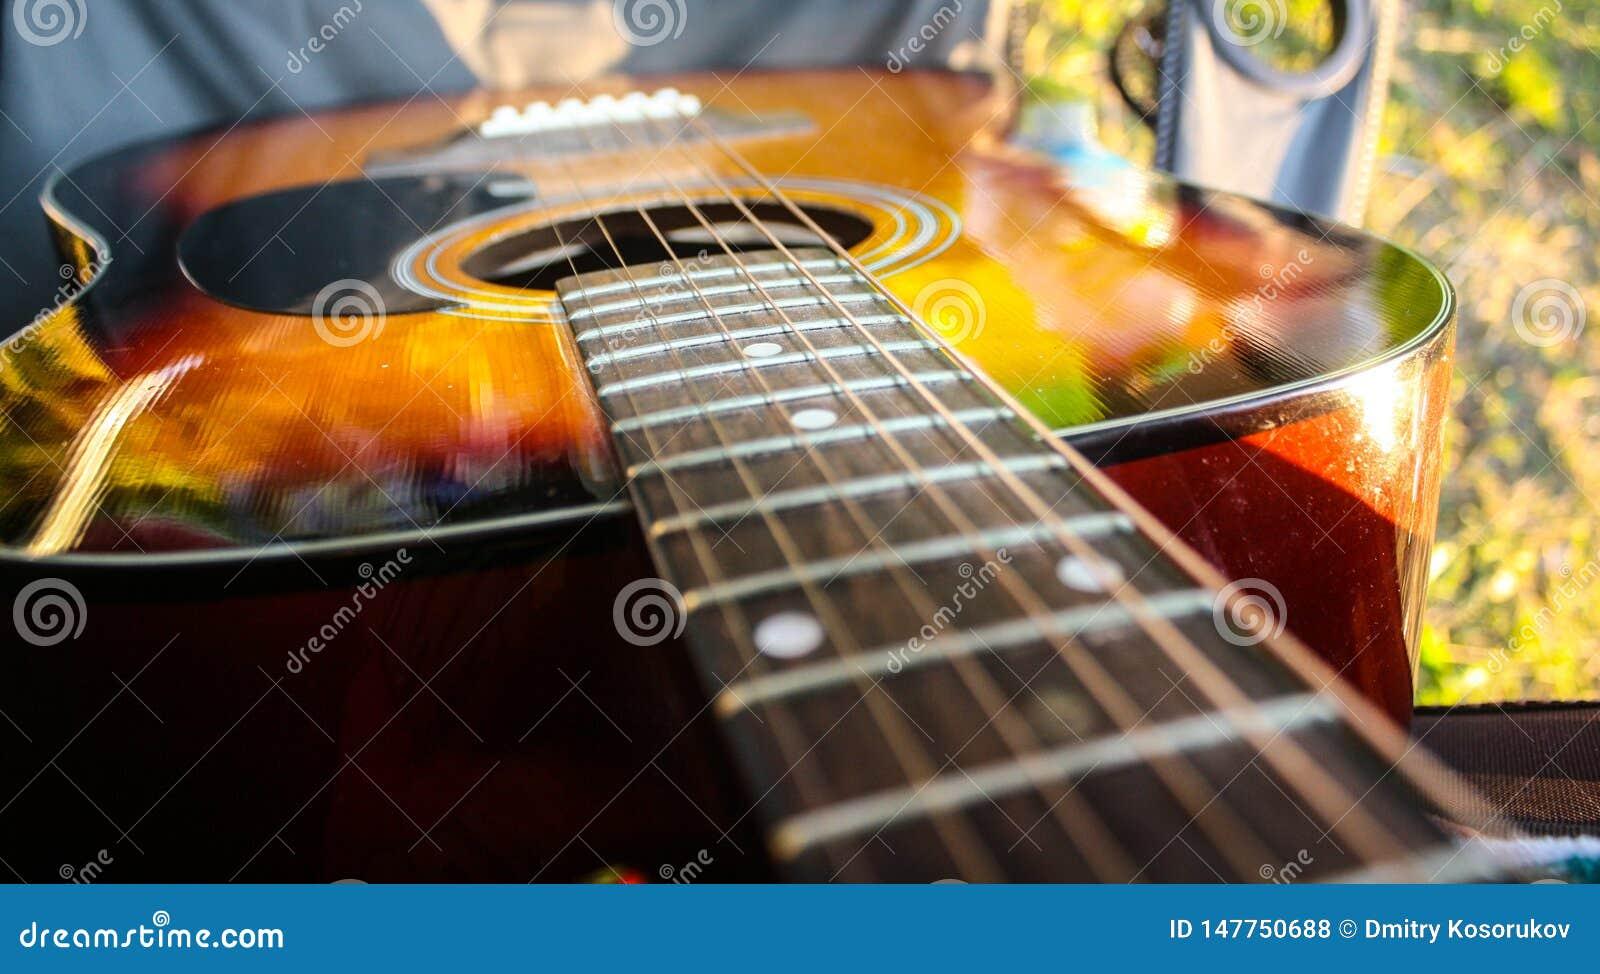 Akustisk orange gitarr på att campa